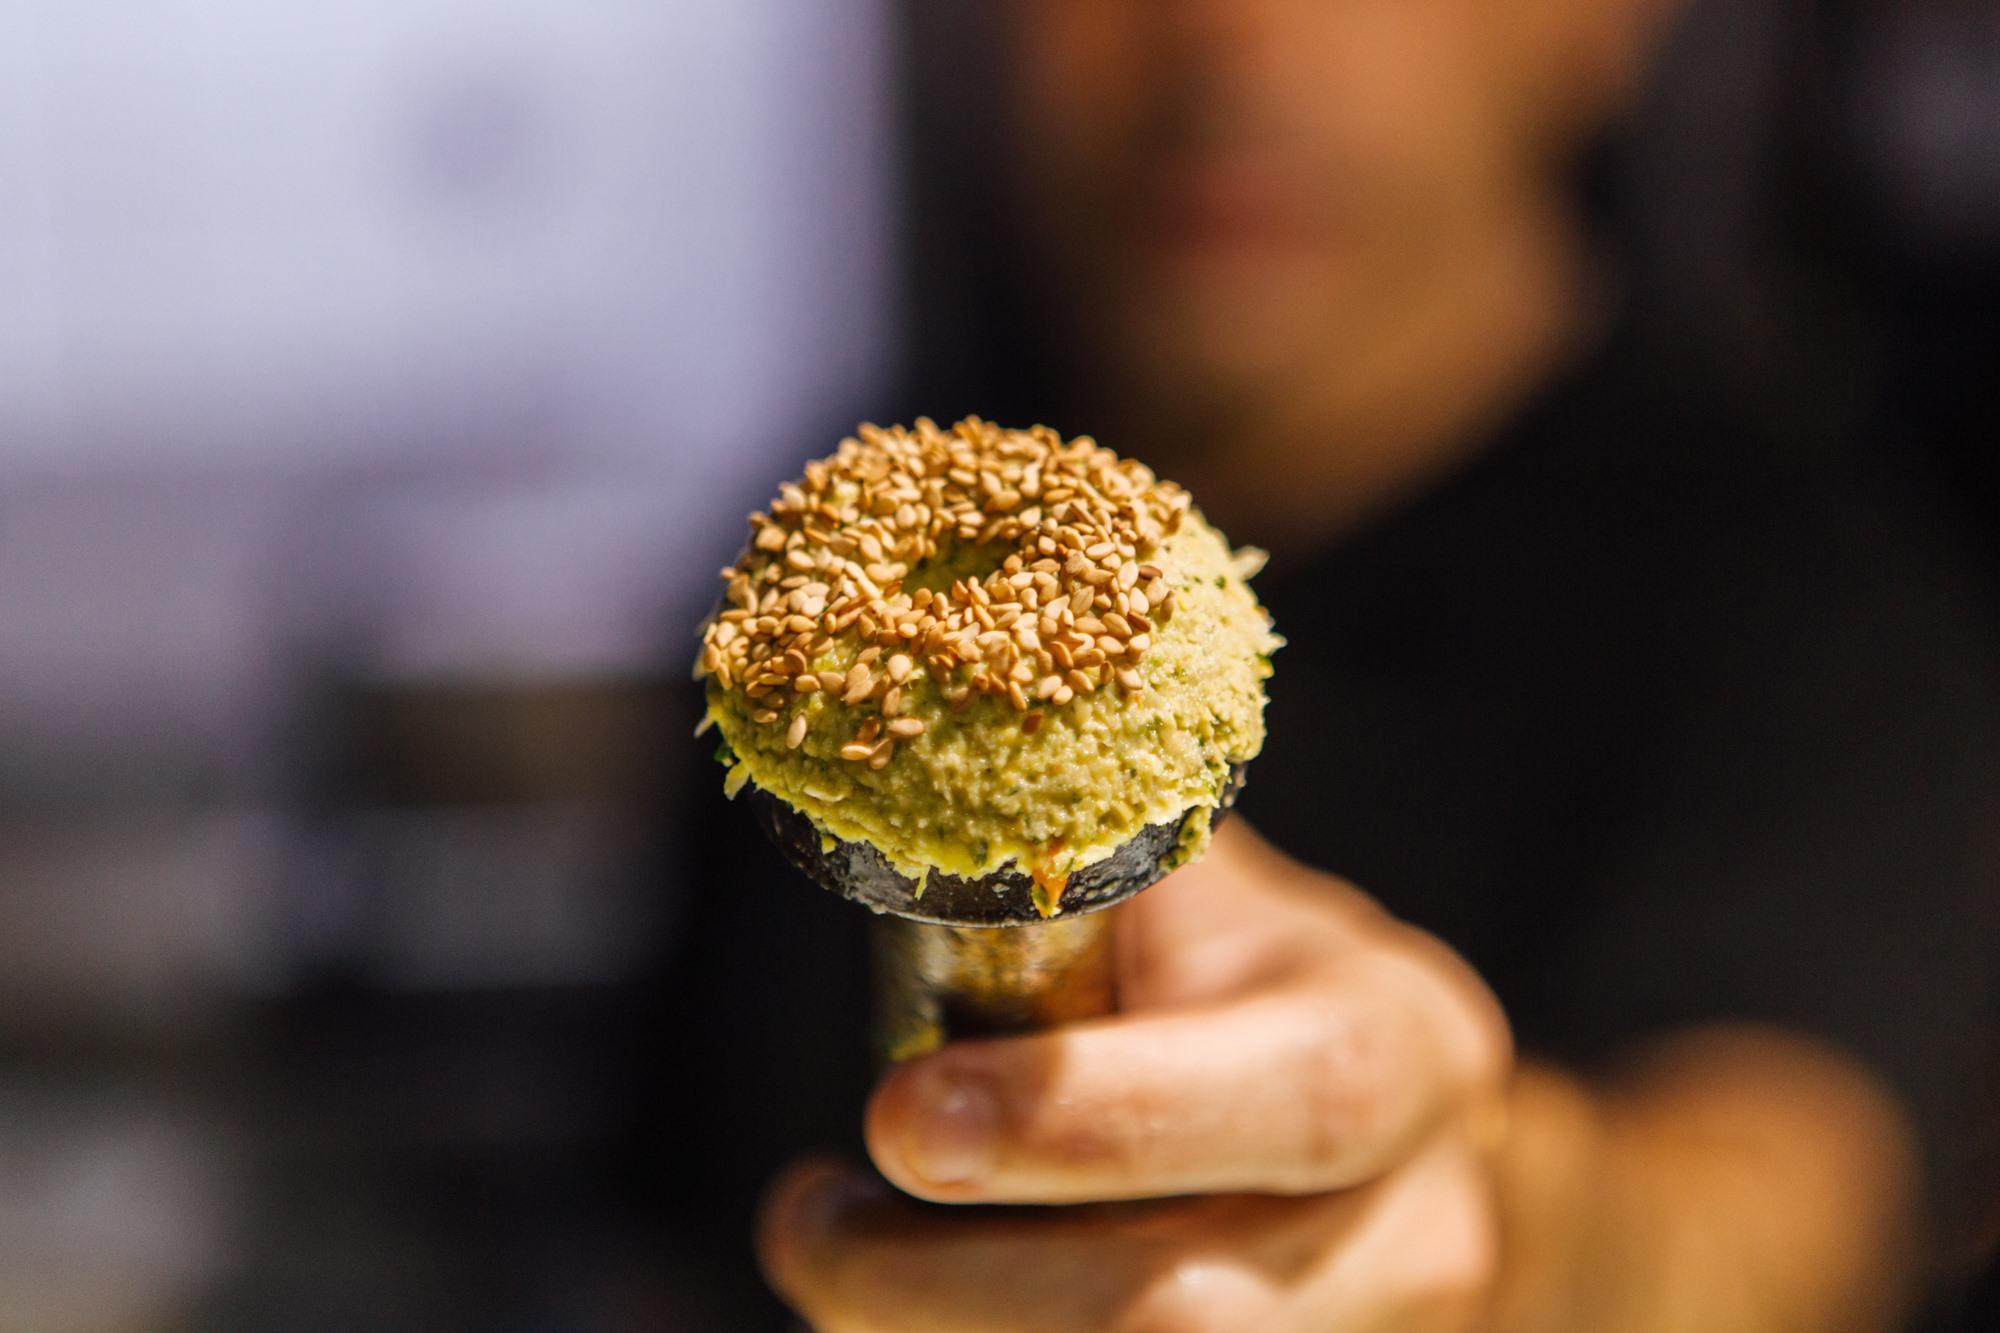 El sésamo se usa en 'Yaffa' por su aporte textura y aroma tostado.